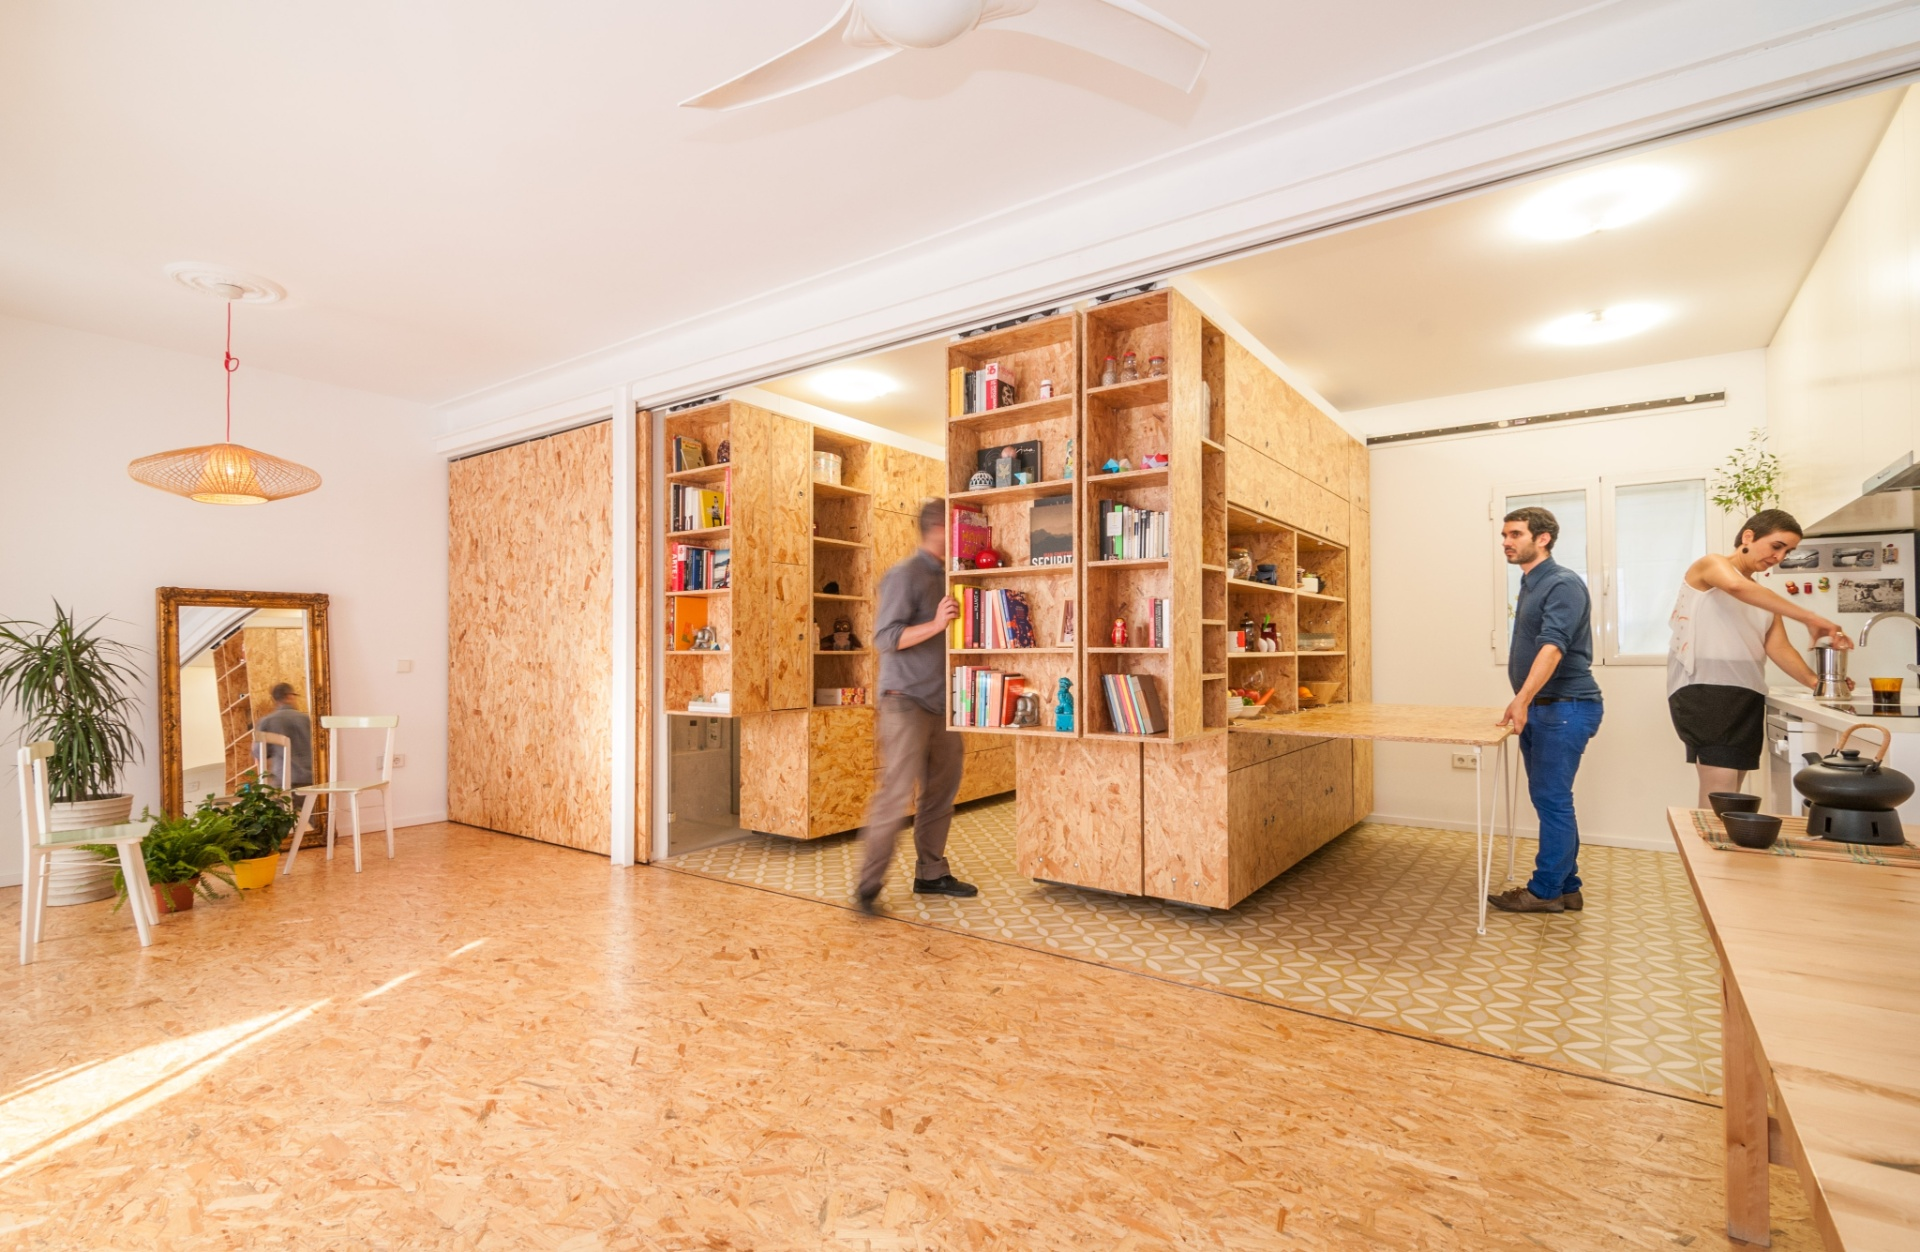 Em Madri, a pequena casa da designer Yolanda Pita não possui divisórias convencionais, mas uma série de módulos móveis que acomodam o mobiliário e criam os espaços para armazenamento. Um painel de correr esconde a pia e a bancada da cozinha (foto), sempre que a proprietária deseja separar as funções tipicamente residenciais do seu escritório. O projeto foi desenvolvido pelos arquitetos do escritório PKMN e faz parte da série Pequeñas Grandes Casas